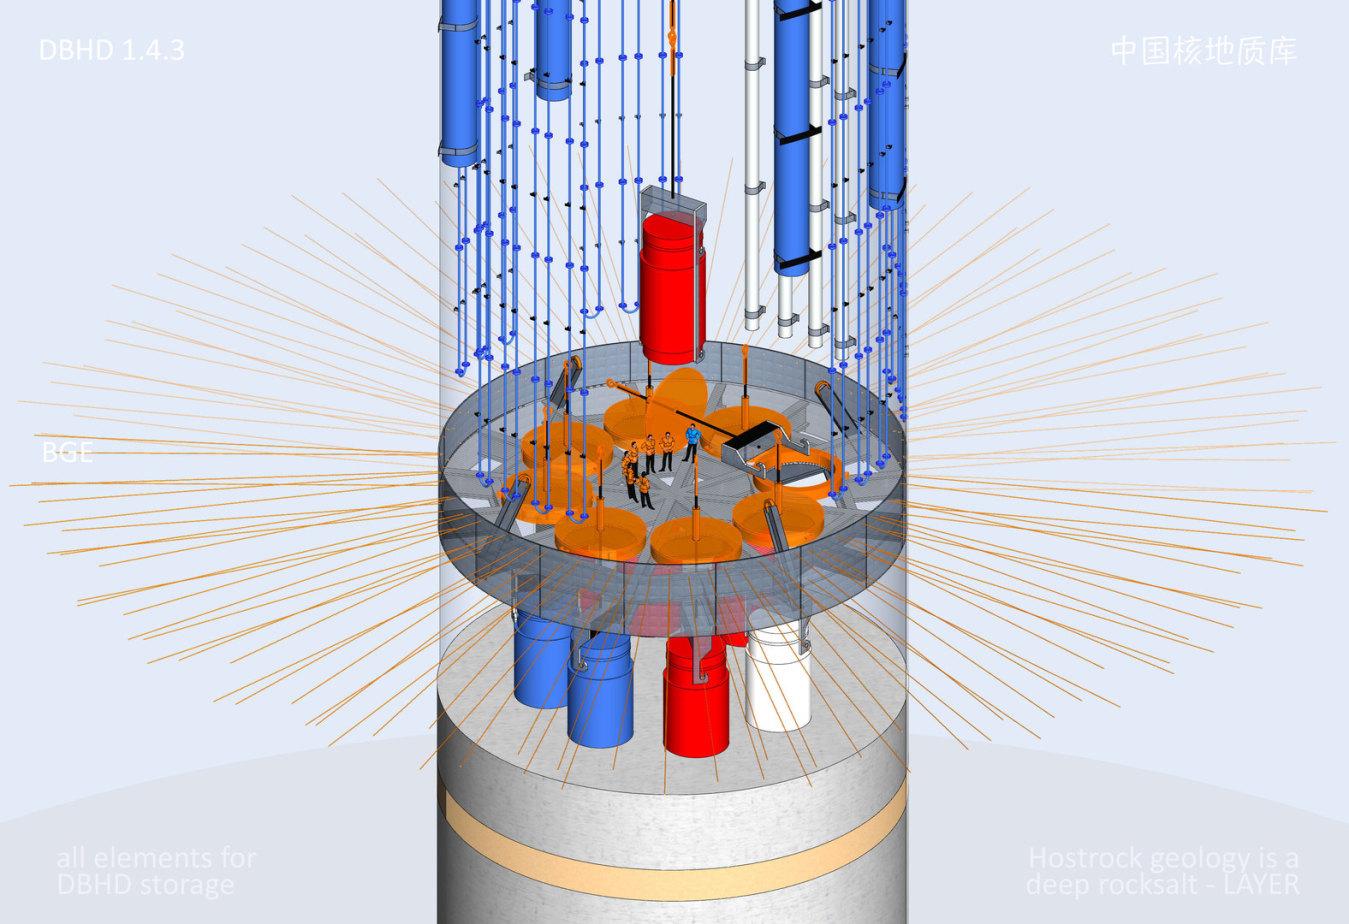 Die Funktionsweise und Ausgestaltung der Verguss-Plattform wurde schon im DBHD 1.4.2 konzipiert